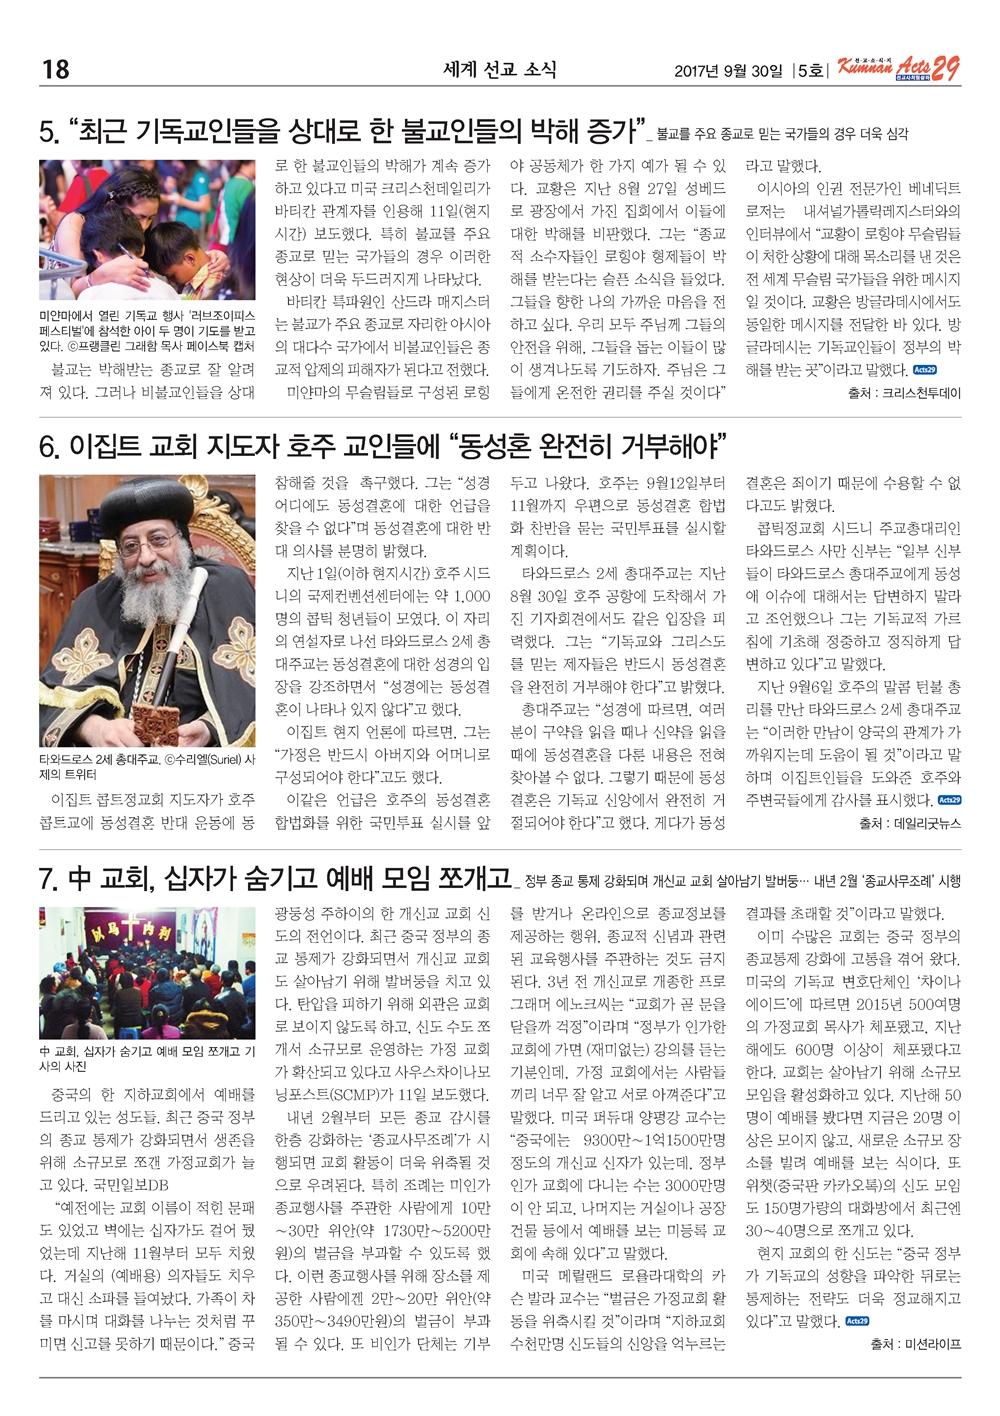 금란선교소식지 5호_Page_18.jpg